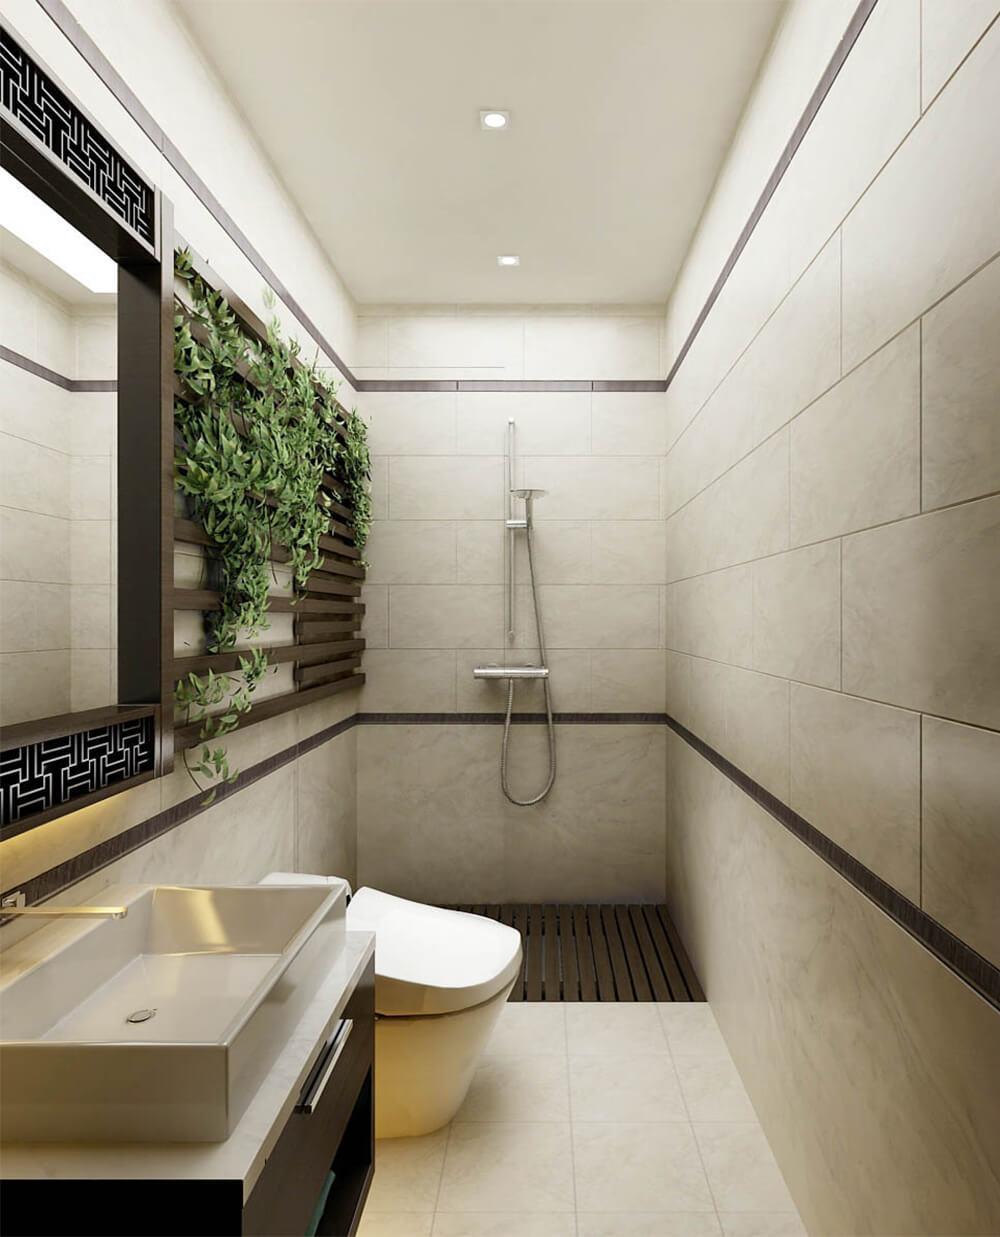 Phòng tắm trong mẫu thiết kế nhà 2 tầng, được thiết kế hiện đại, với tông màu trung tính.